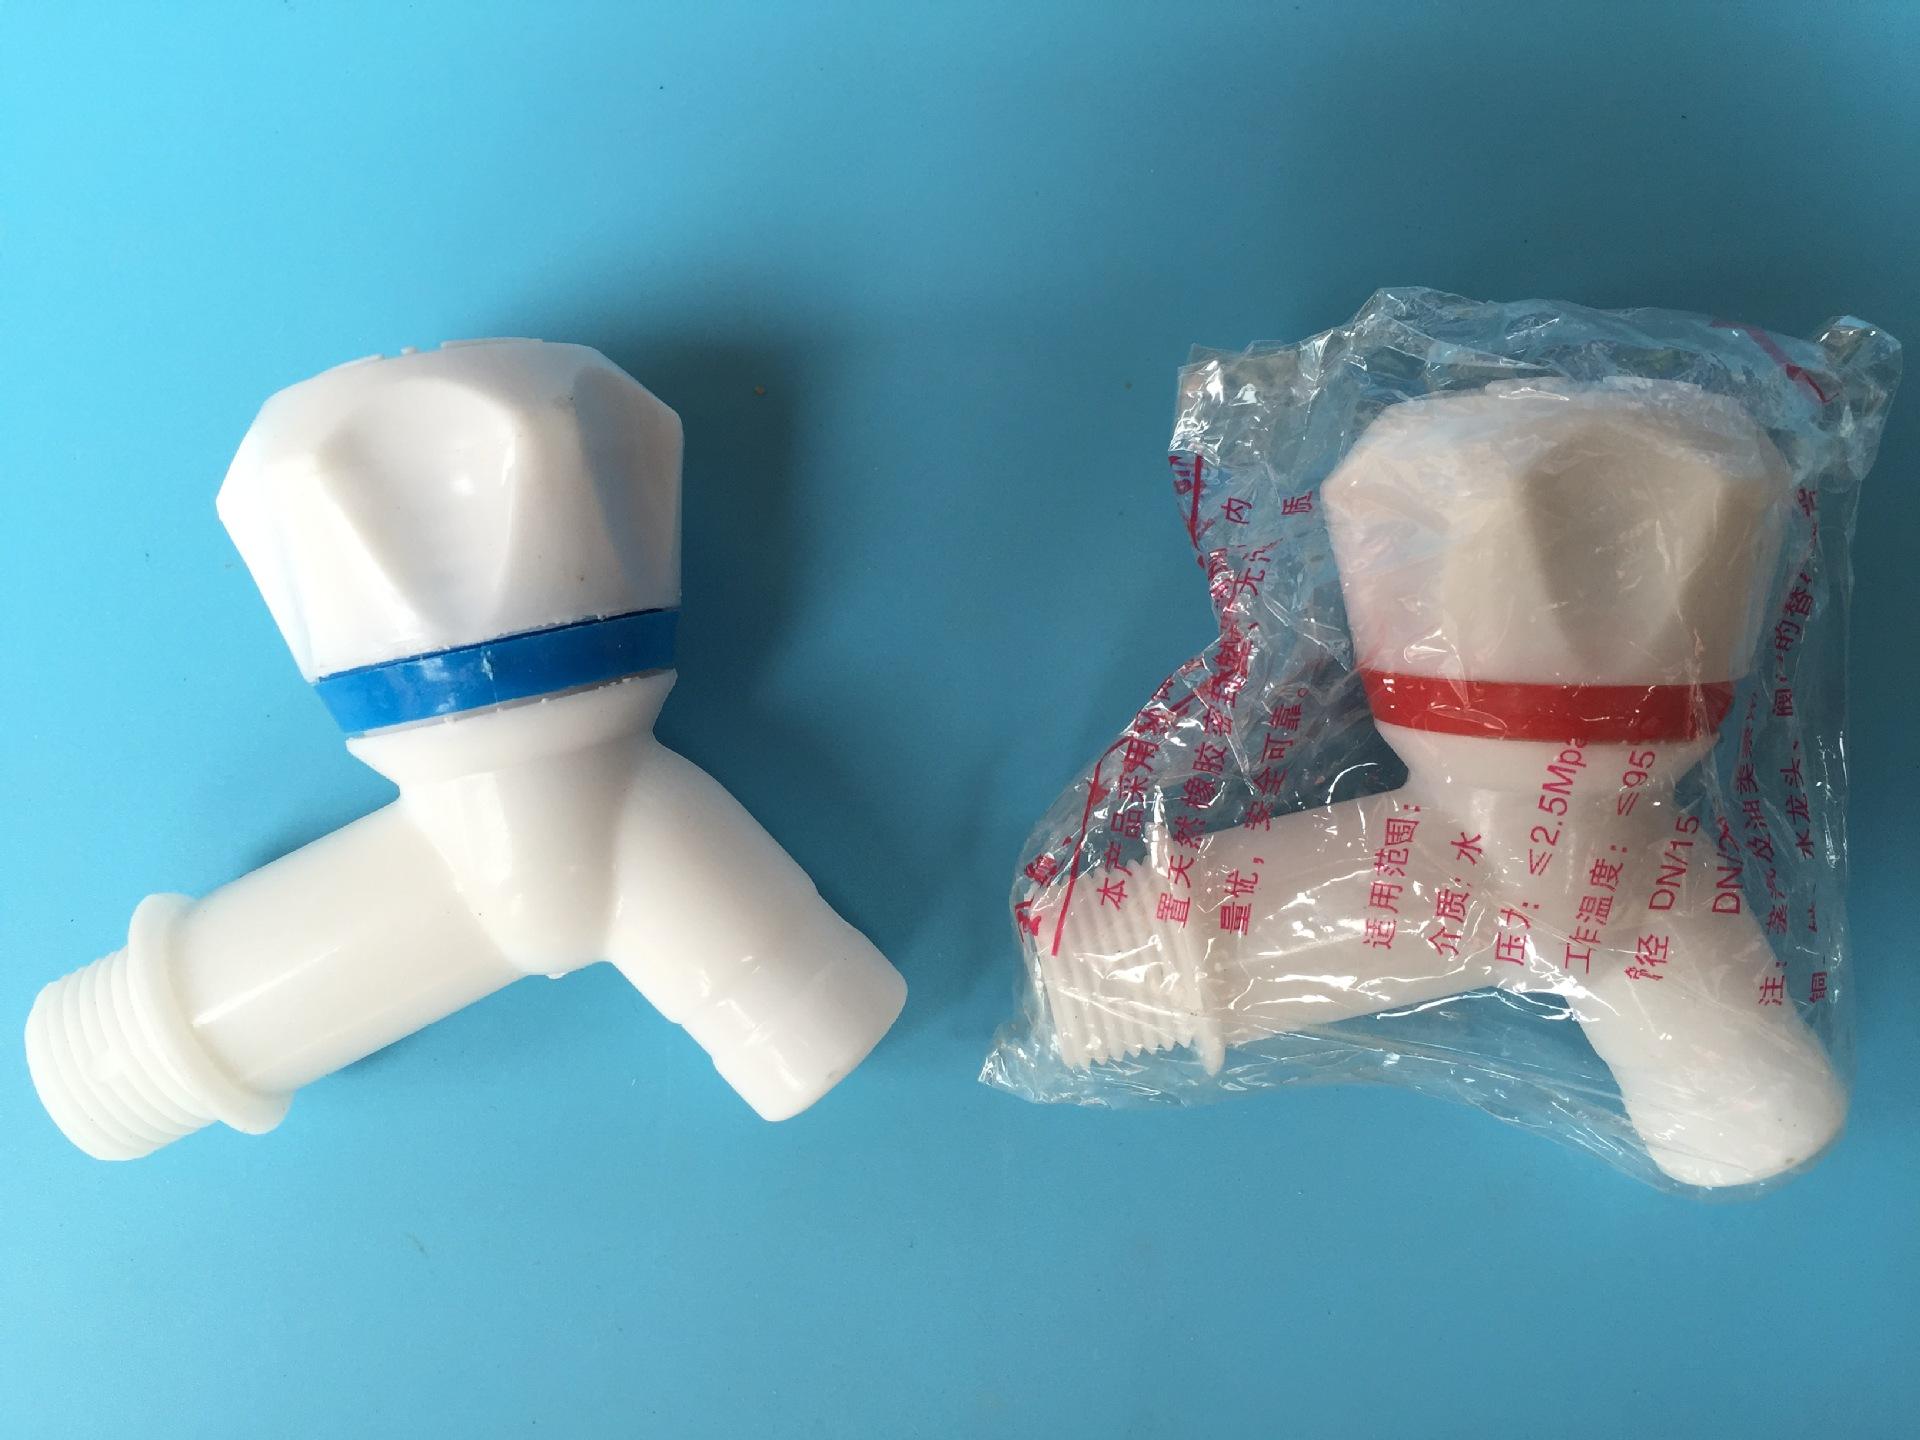 批发 新款电热塑料水龙头 冷热大头水龙头 4分/6分pvc水嘴